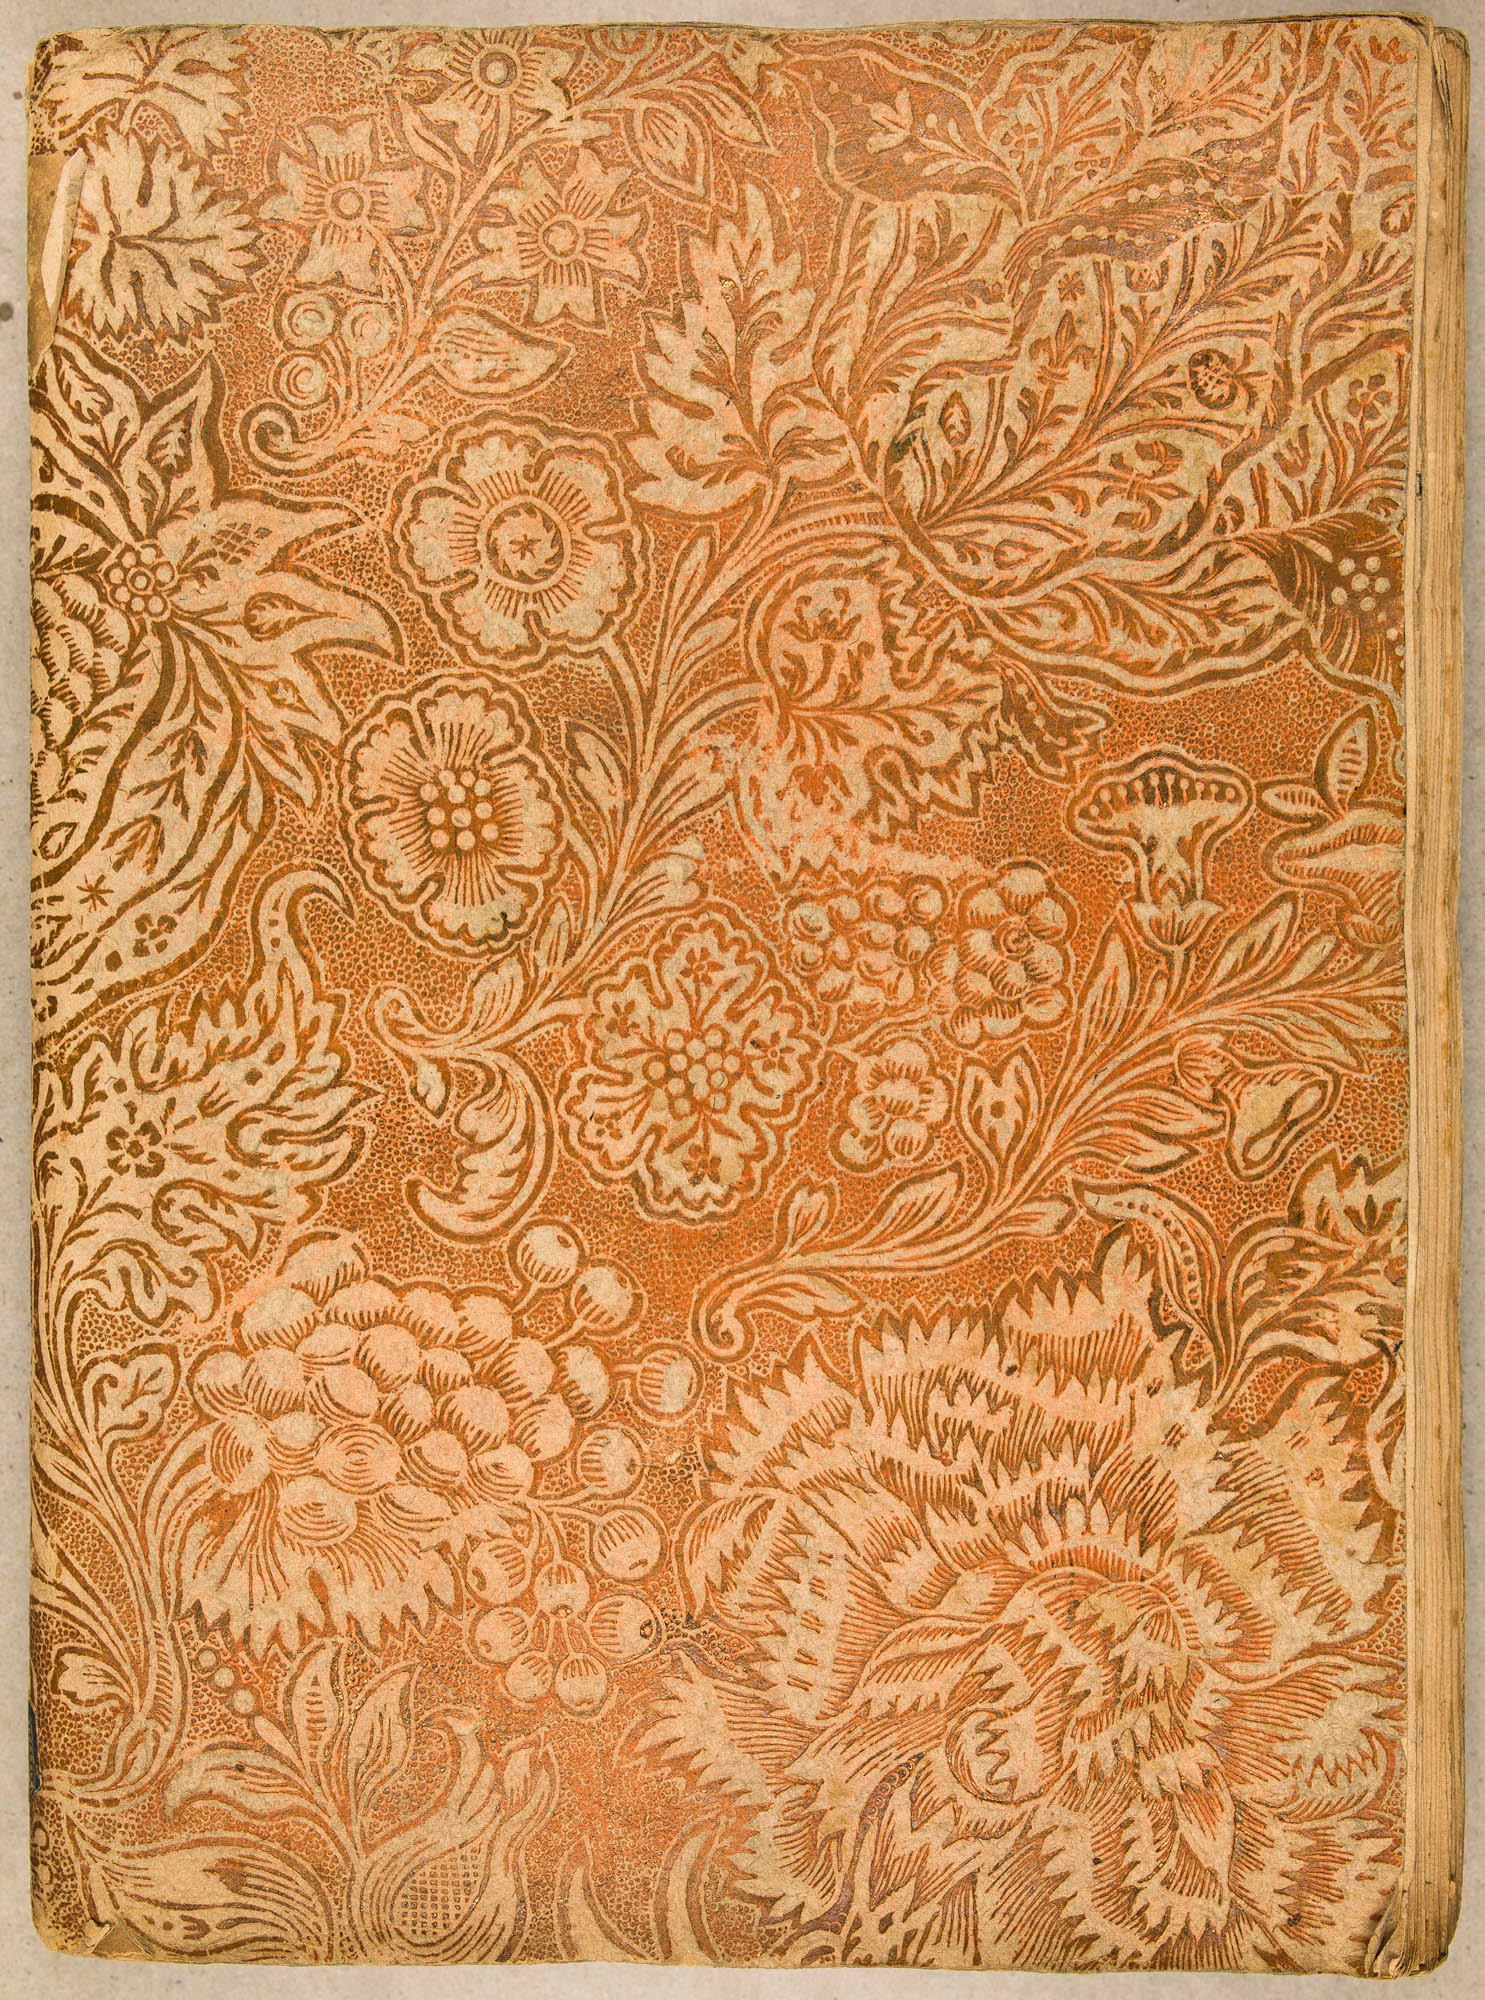 Papier doré gaufré, impression en négatif sur papier blanc et feuille orange intercallé. XVIIIe s